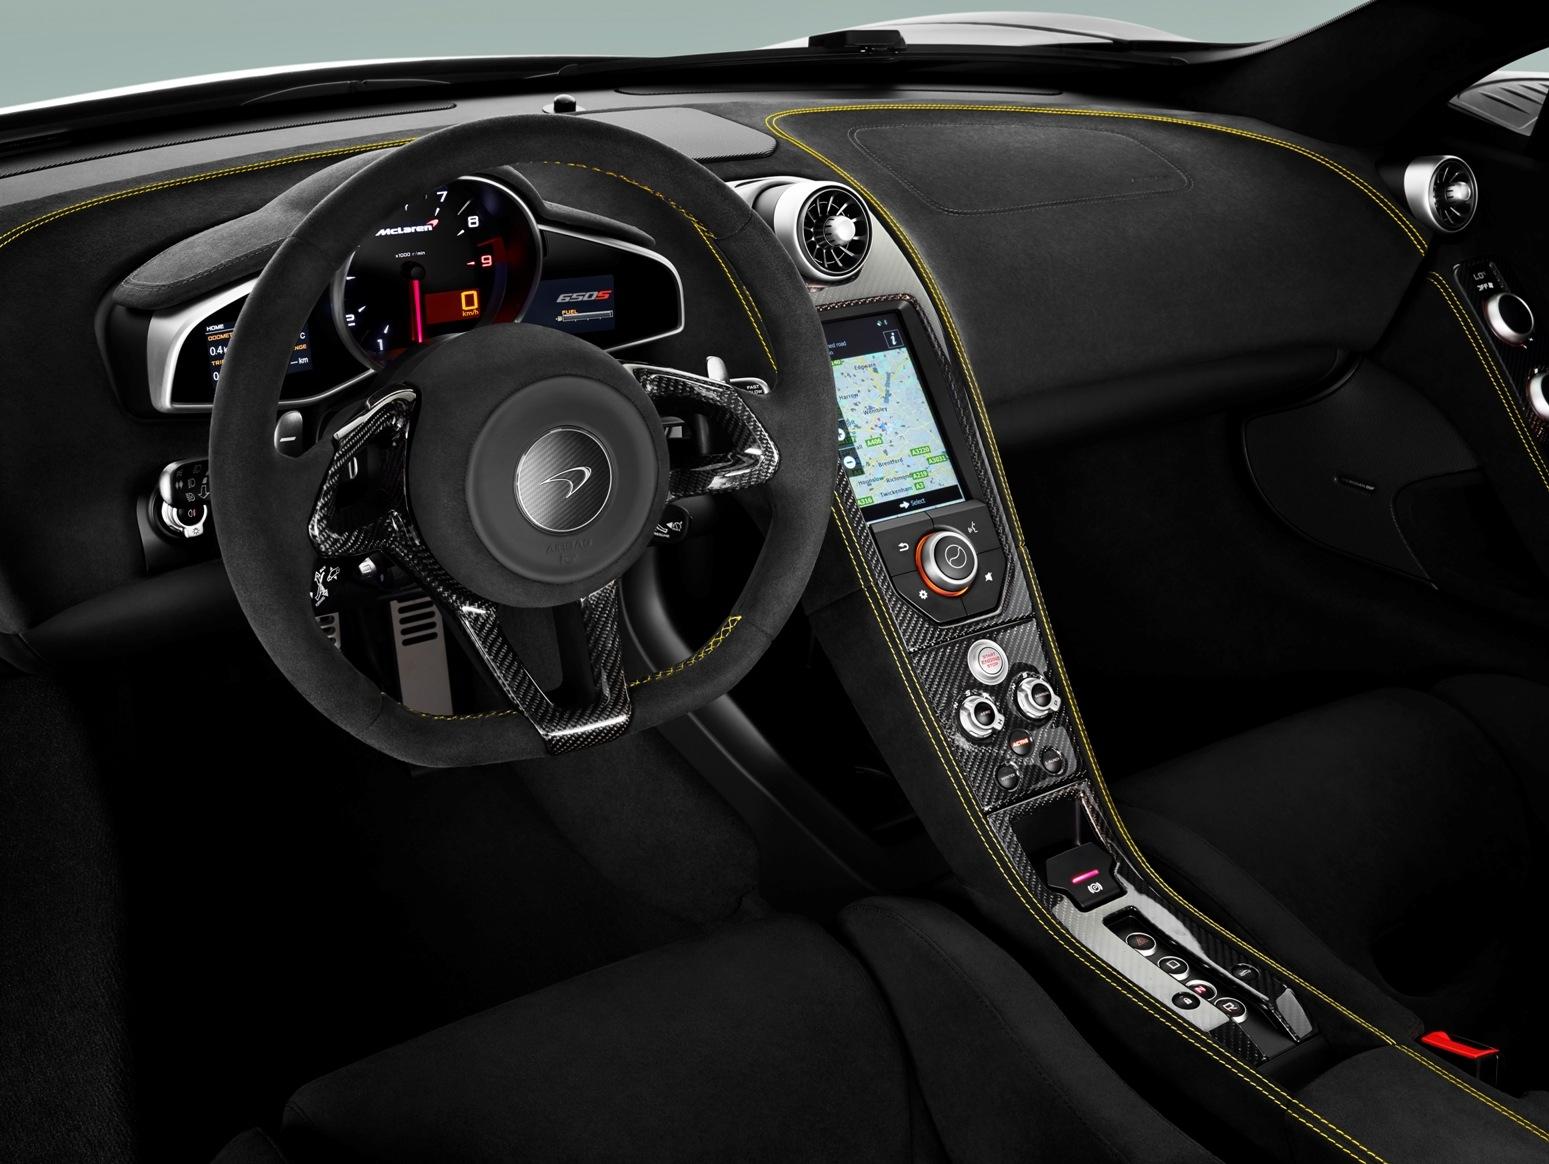 http://images.caradisiac.com/images/2/5/0/2/92502/S0-Geneve-2014-McLaren-650-S-Coupe-officielle-c-est-bien-un-nouveau-modele-313551.jpg